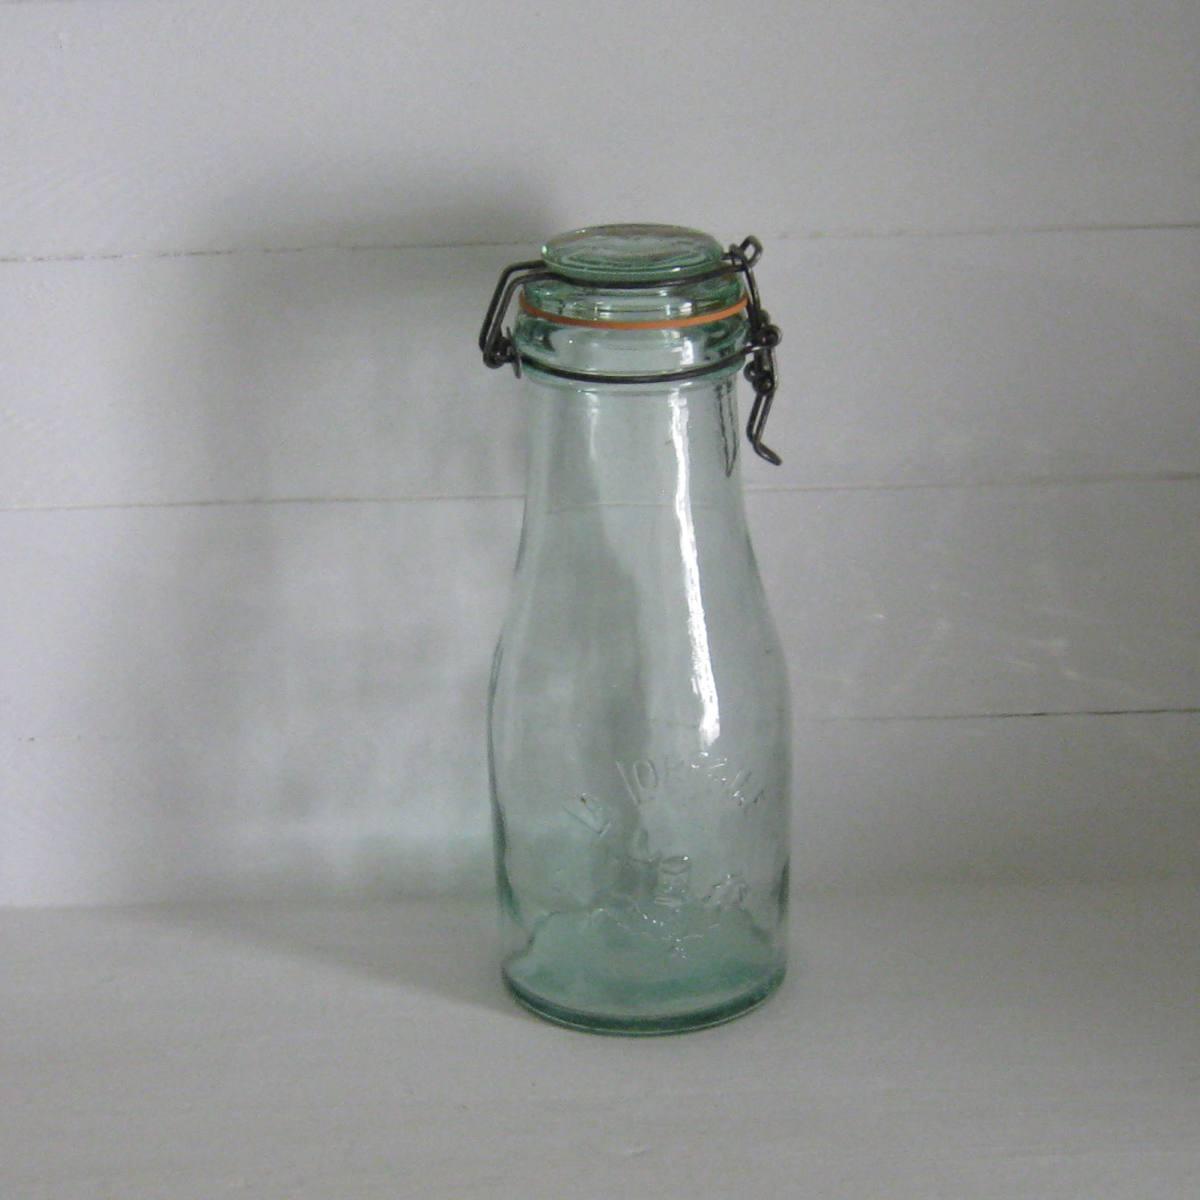 Bouteille bocal ancien en verre la lorraine 1 5 l 1